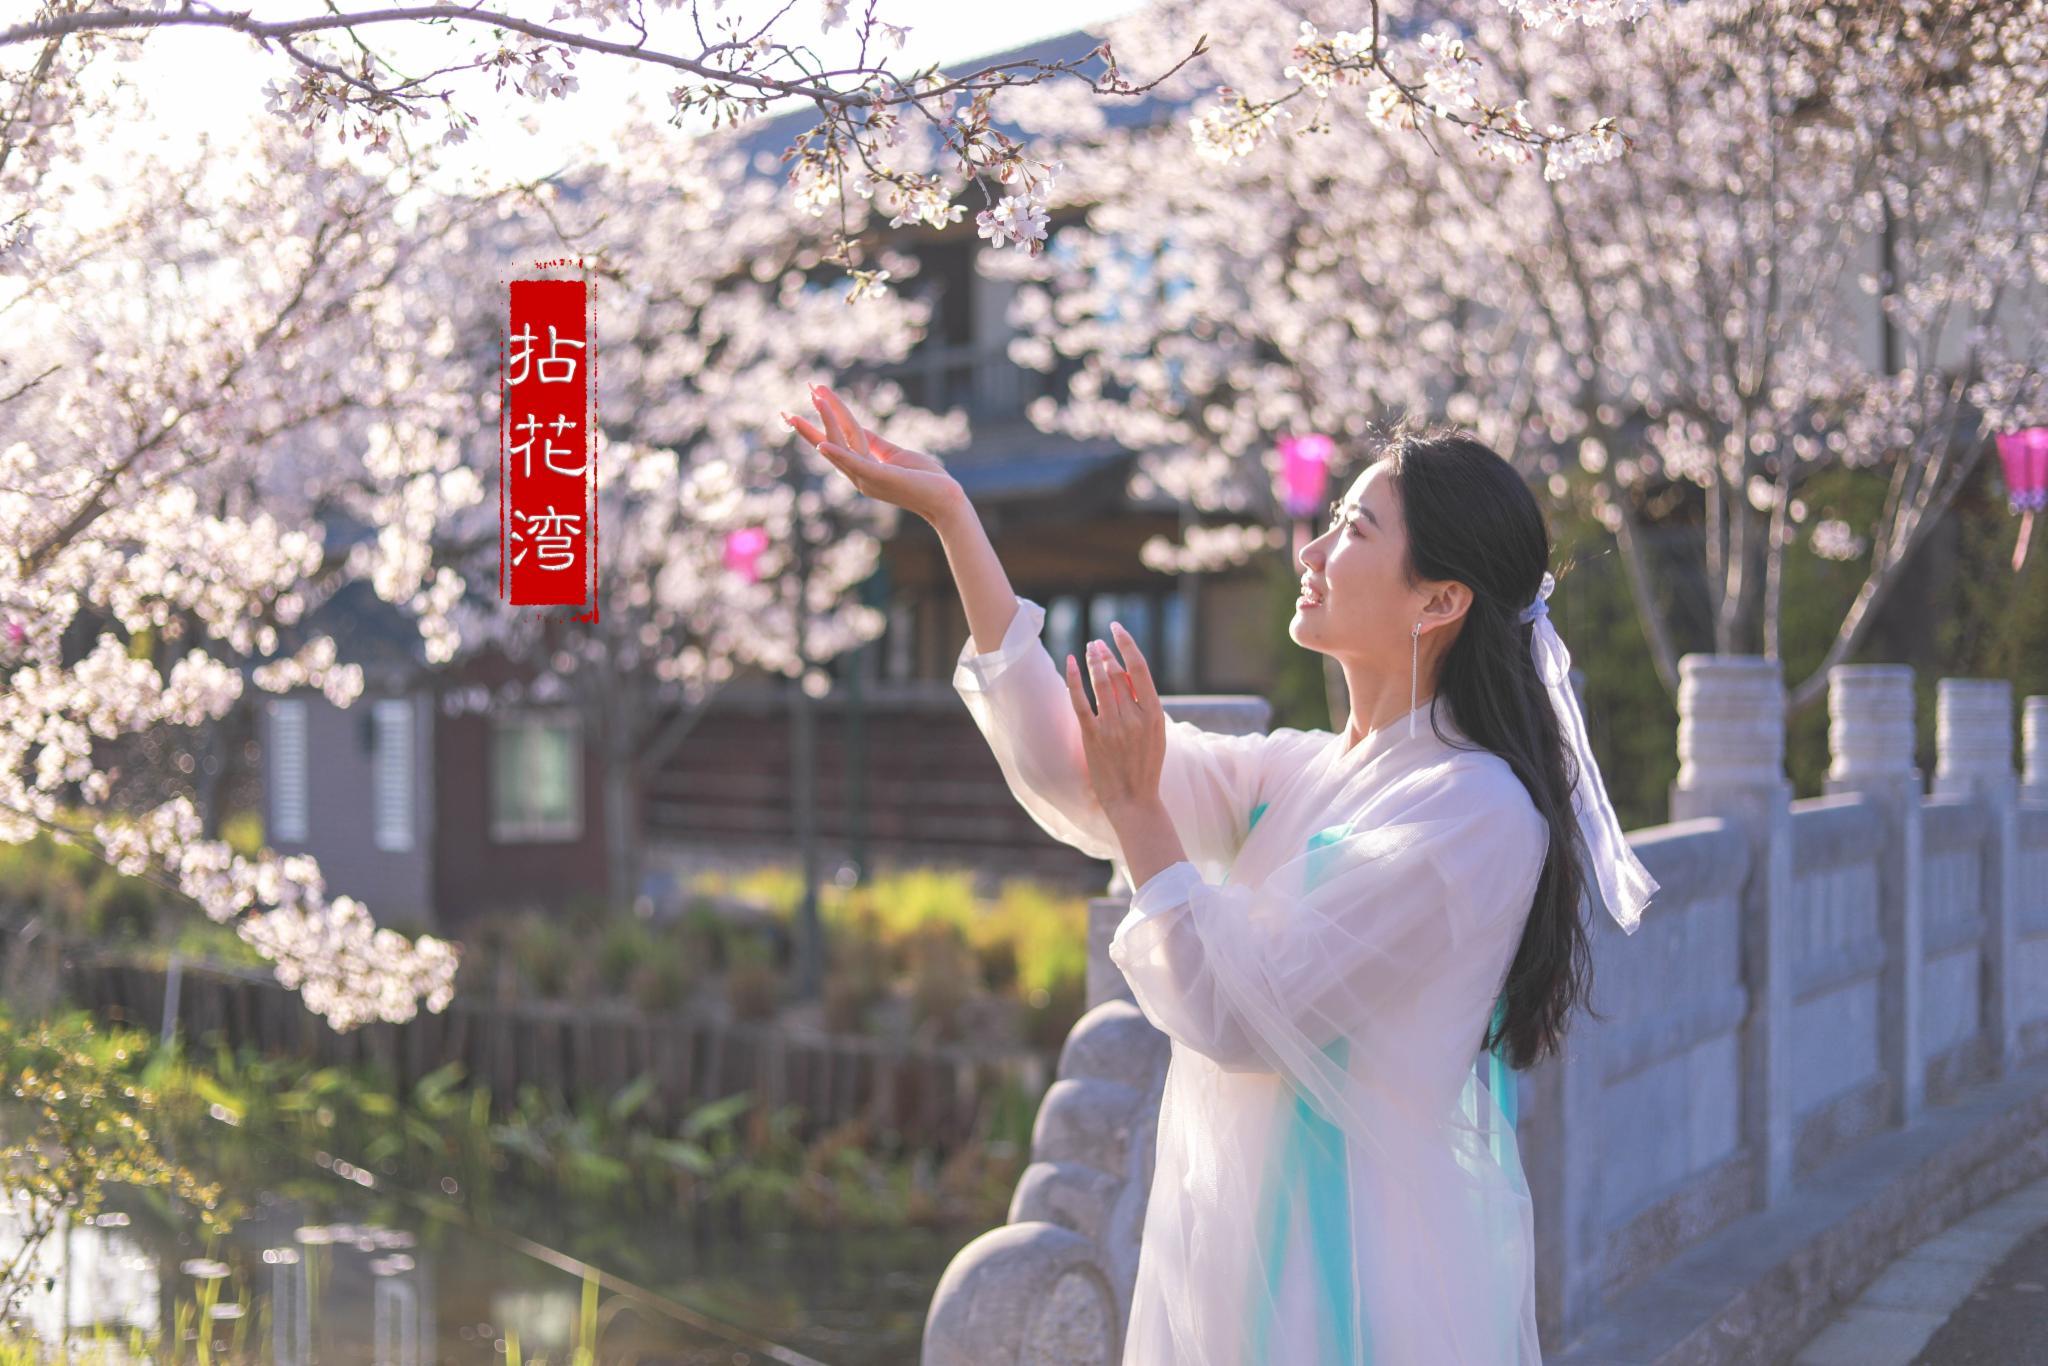 烟花三月的无锡滨湖,樱花烂漫,赴一场春天的约会